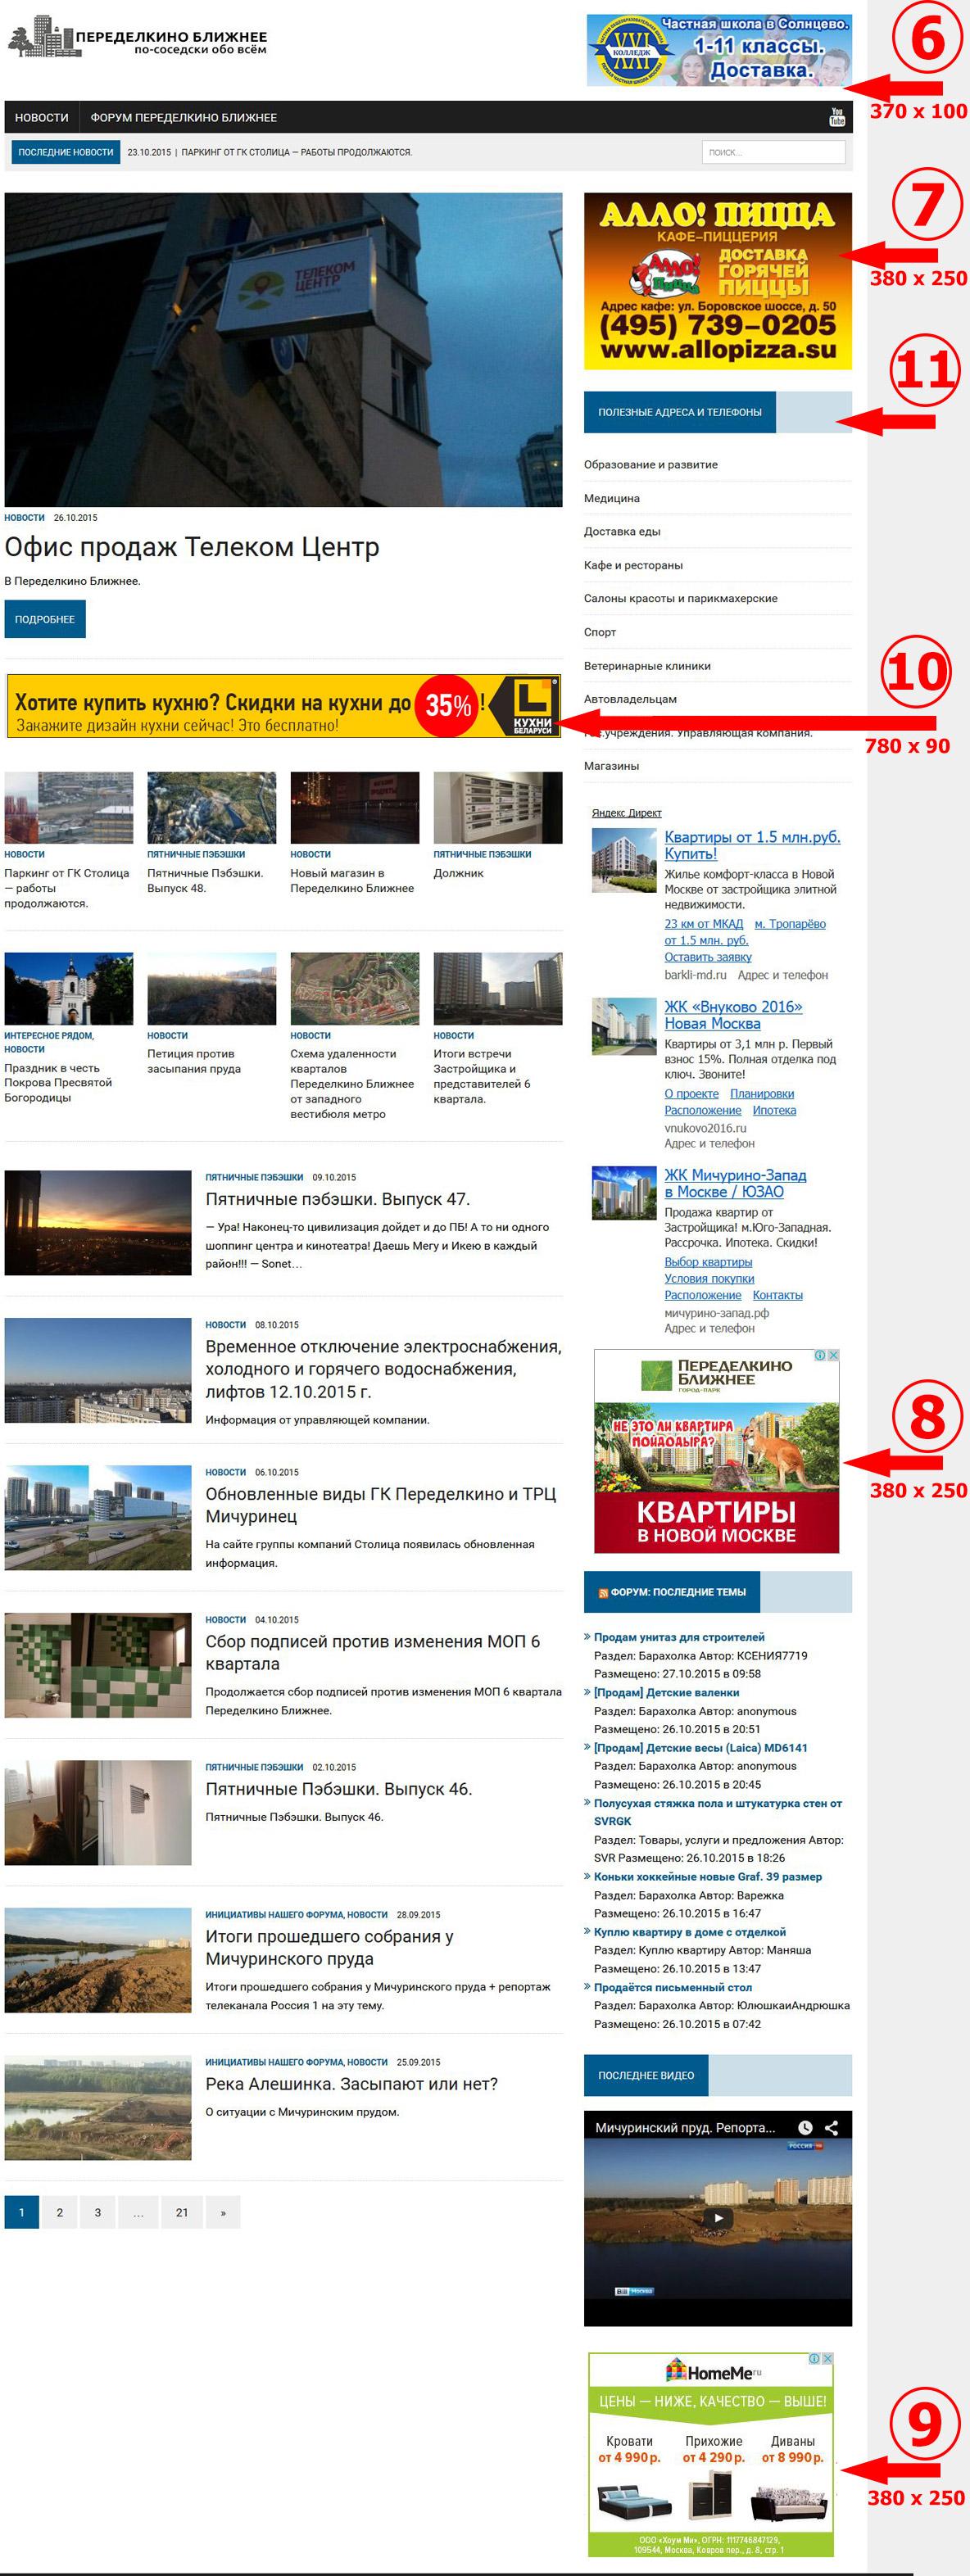 Места размещения баннеров на главной странице Nearperedelkino.ru